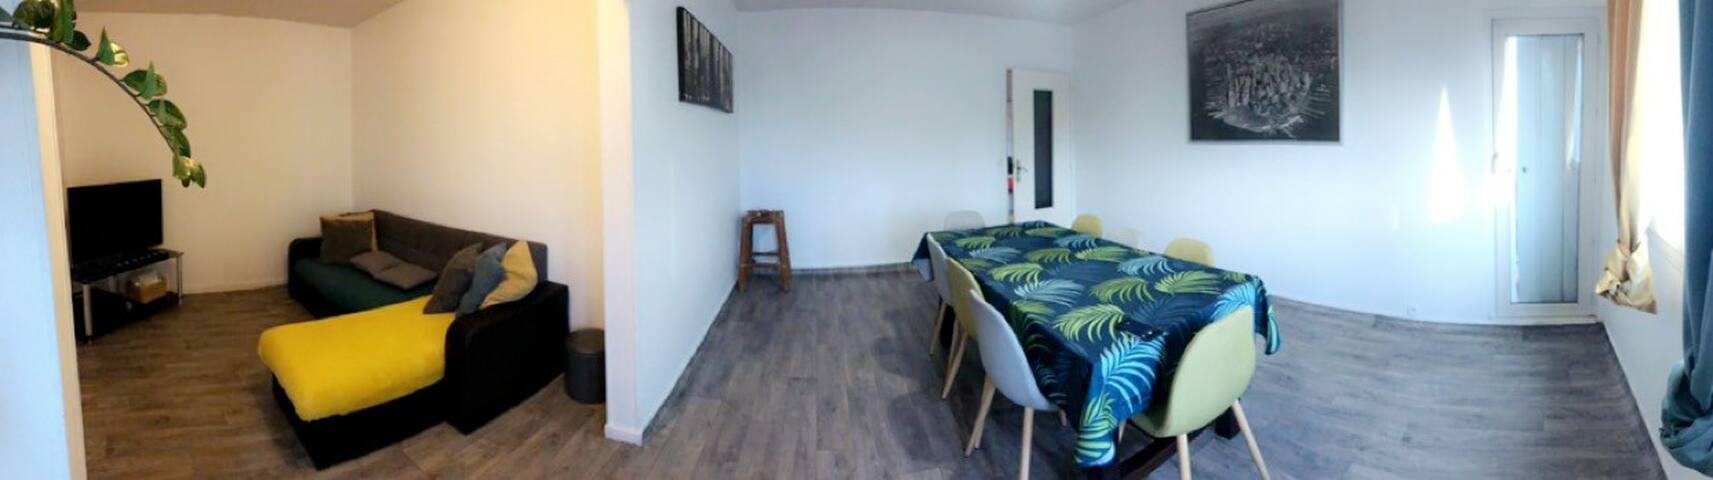 Salon privé 20 m2 20 min  de paris et disneyland